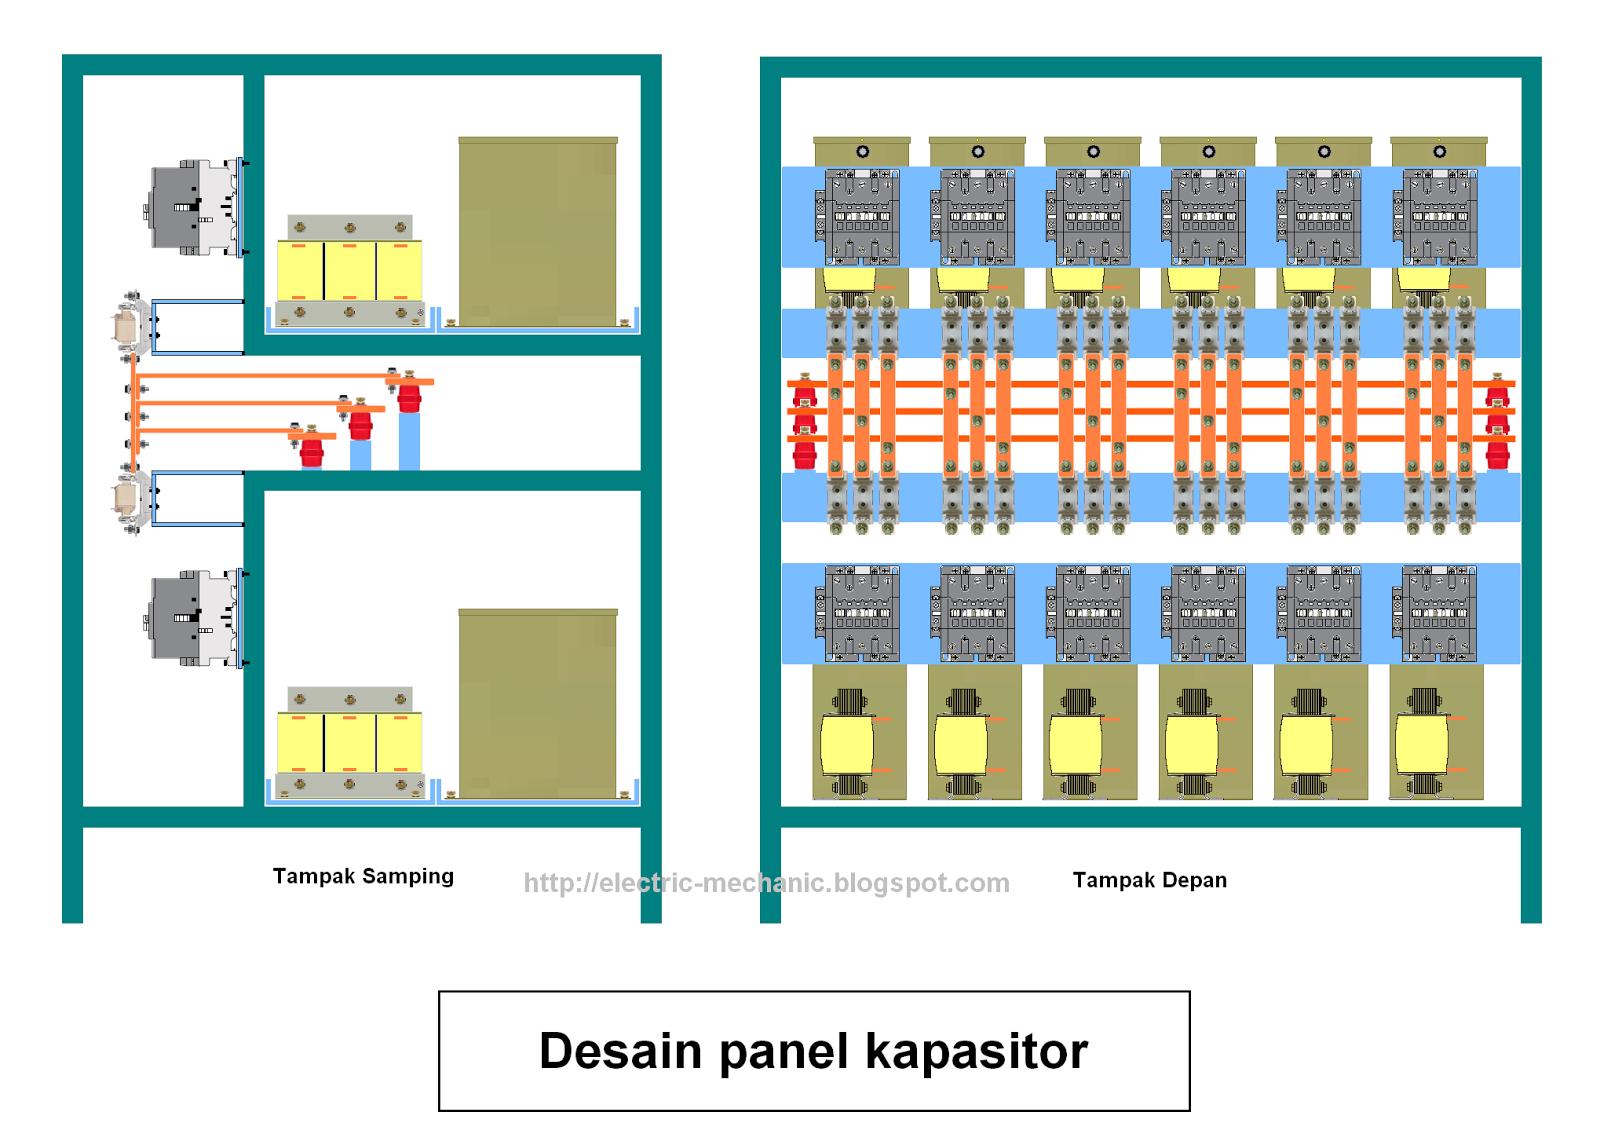 ZZ_5600] Wiring Diagram Kapasitor Bank Wiring Diagram